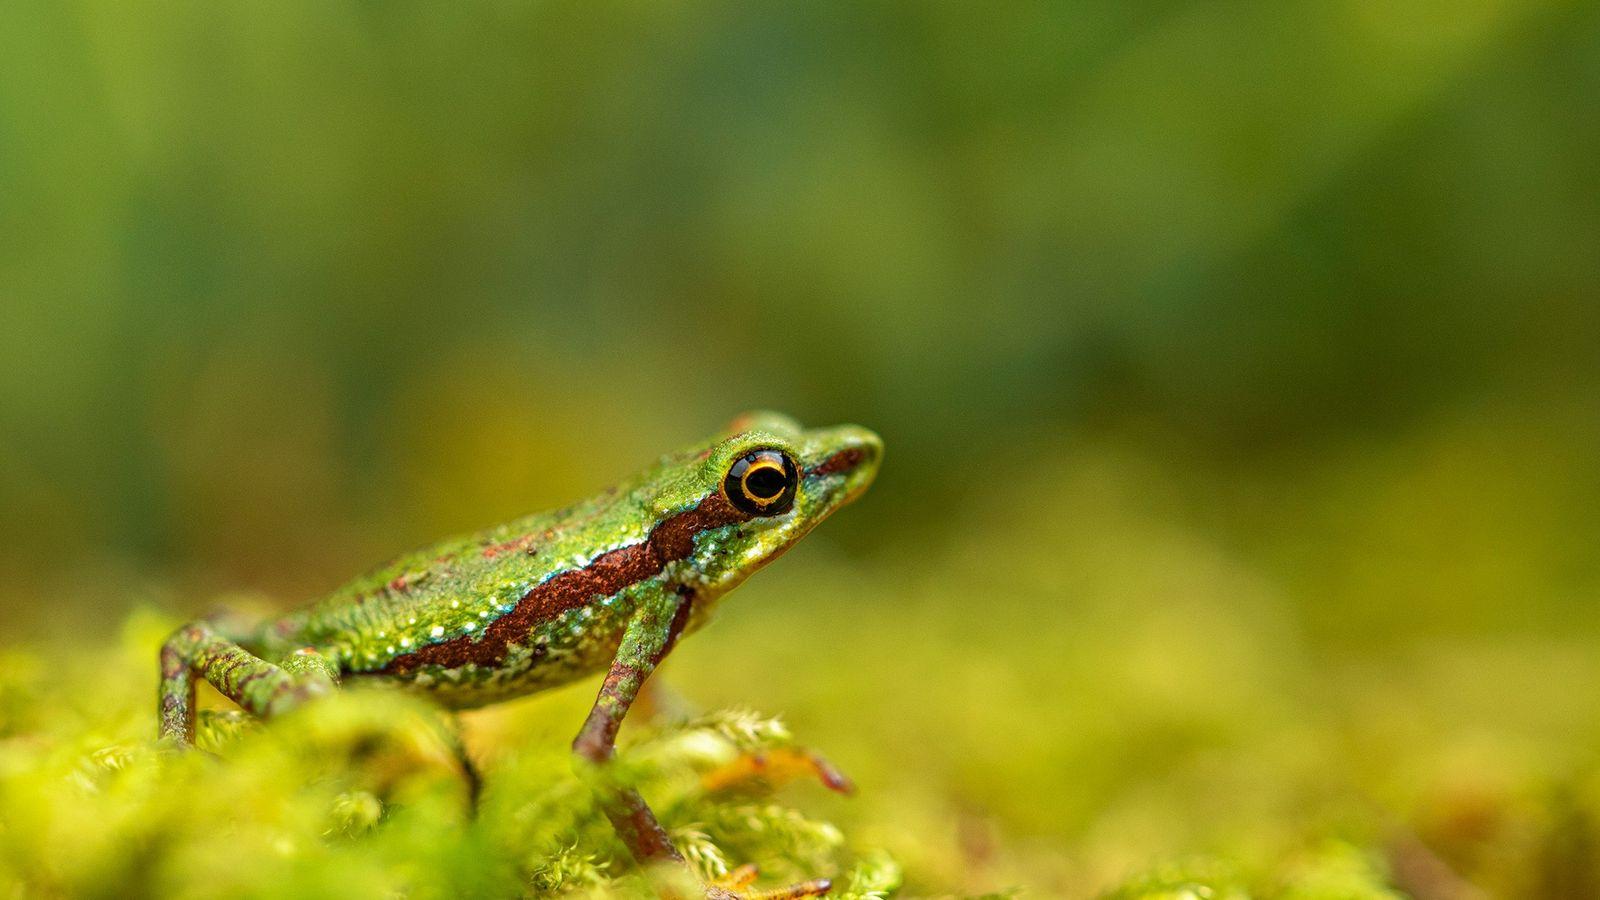 L'Atelopus mindoensis fait partie des 25 espèces d'amphibiens du genre Atelopus, un des plus touchés par ...